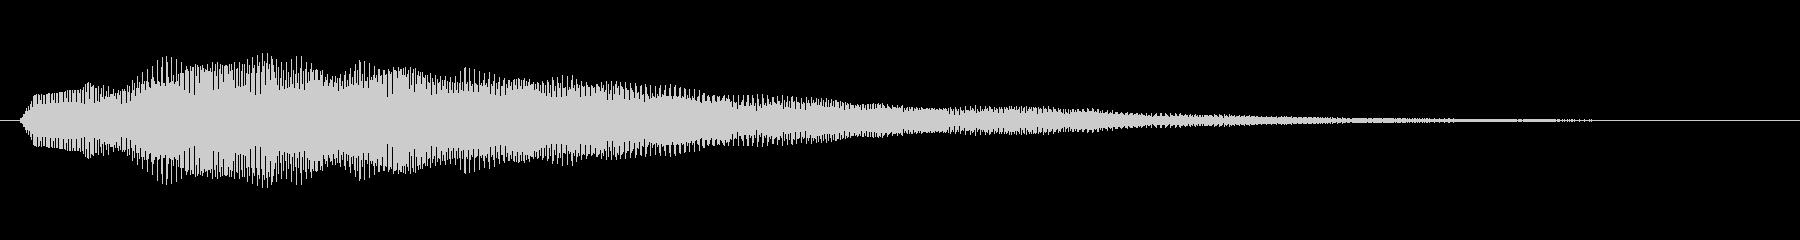 ホワワホワワ……【回想、想像、妄想など】の未再生の波形